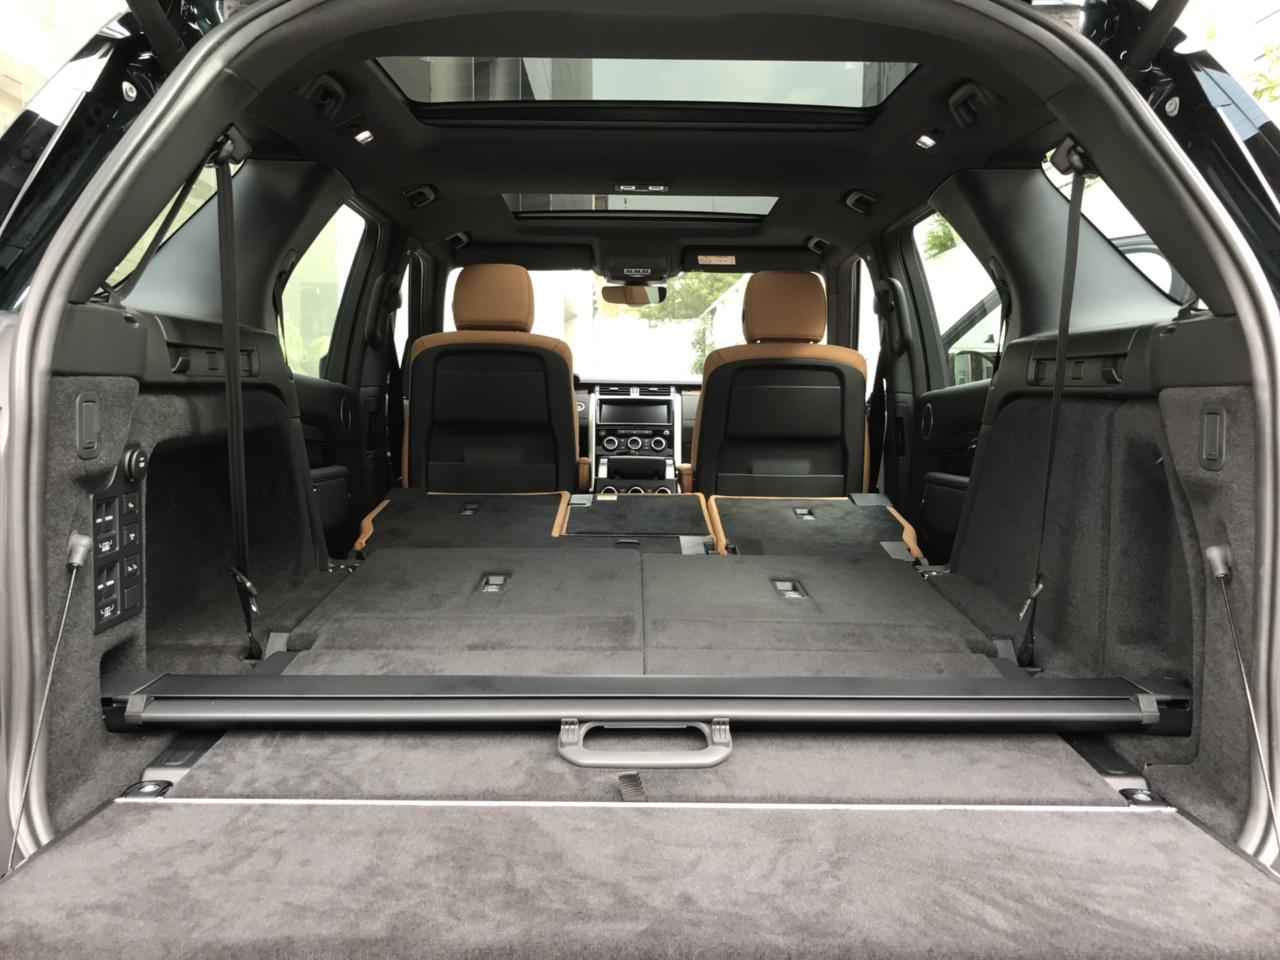 Bán Xe Land Rover Discovery 7 Chỗ Qua Sử Dụng Tại Thành Phố HCM, Xe Mới 3.0 Động Cơ Xăng Nhập khẩu NGuyên CHiếc